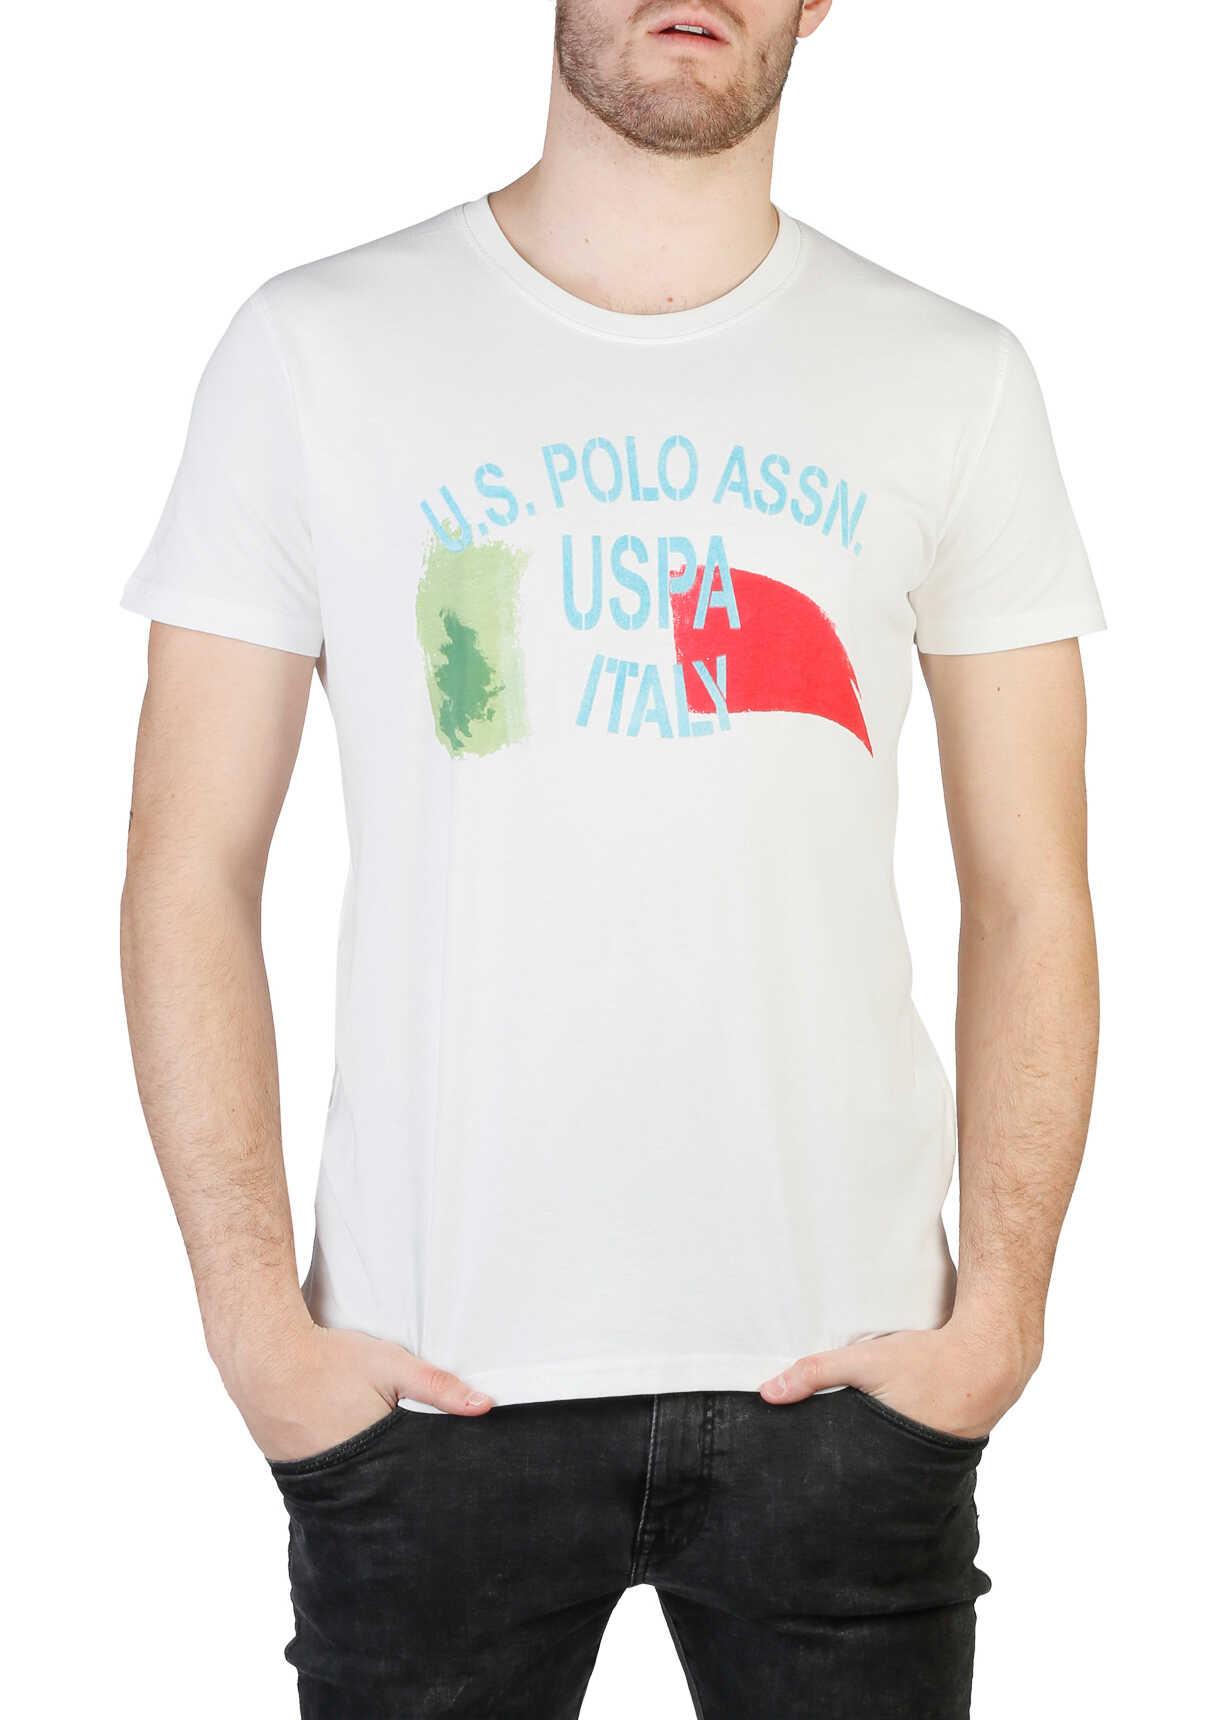 U.S. POLO ASSN. 50043_49351 White